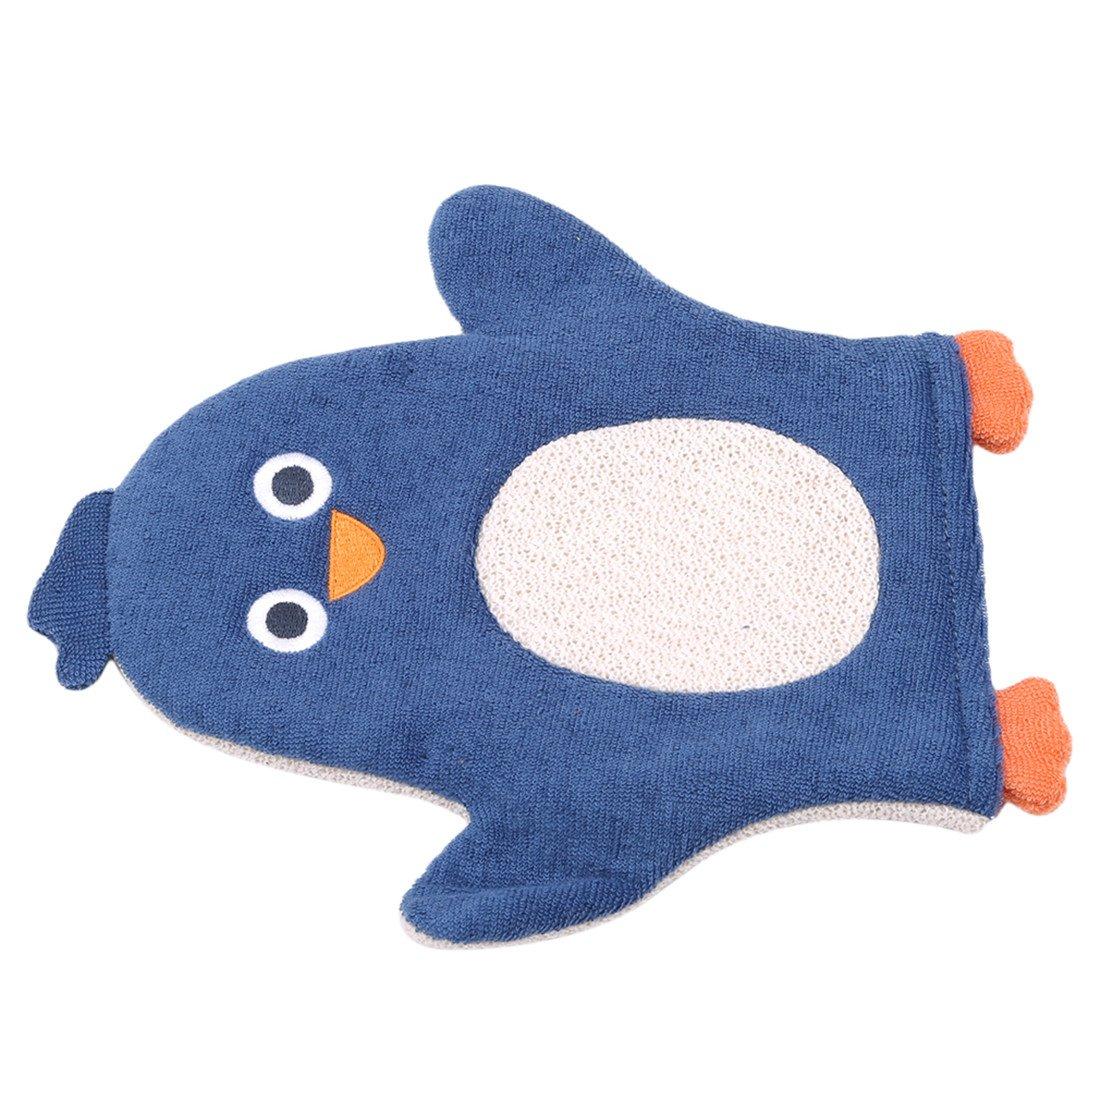 Pingouin Bleu LGJJJ Gant De Bain Enfants Dessin Anim/é Conception Cr/éatif Bain Balle Renard Hibou Pingouin en Forme De Gant De Douche Doux Doux Gant De Bain /Éponge